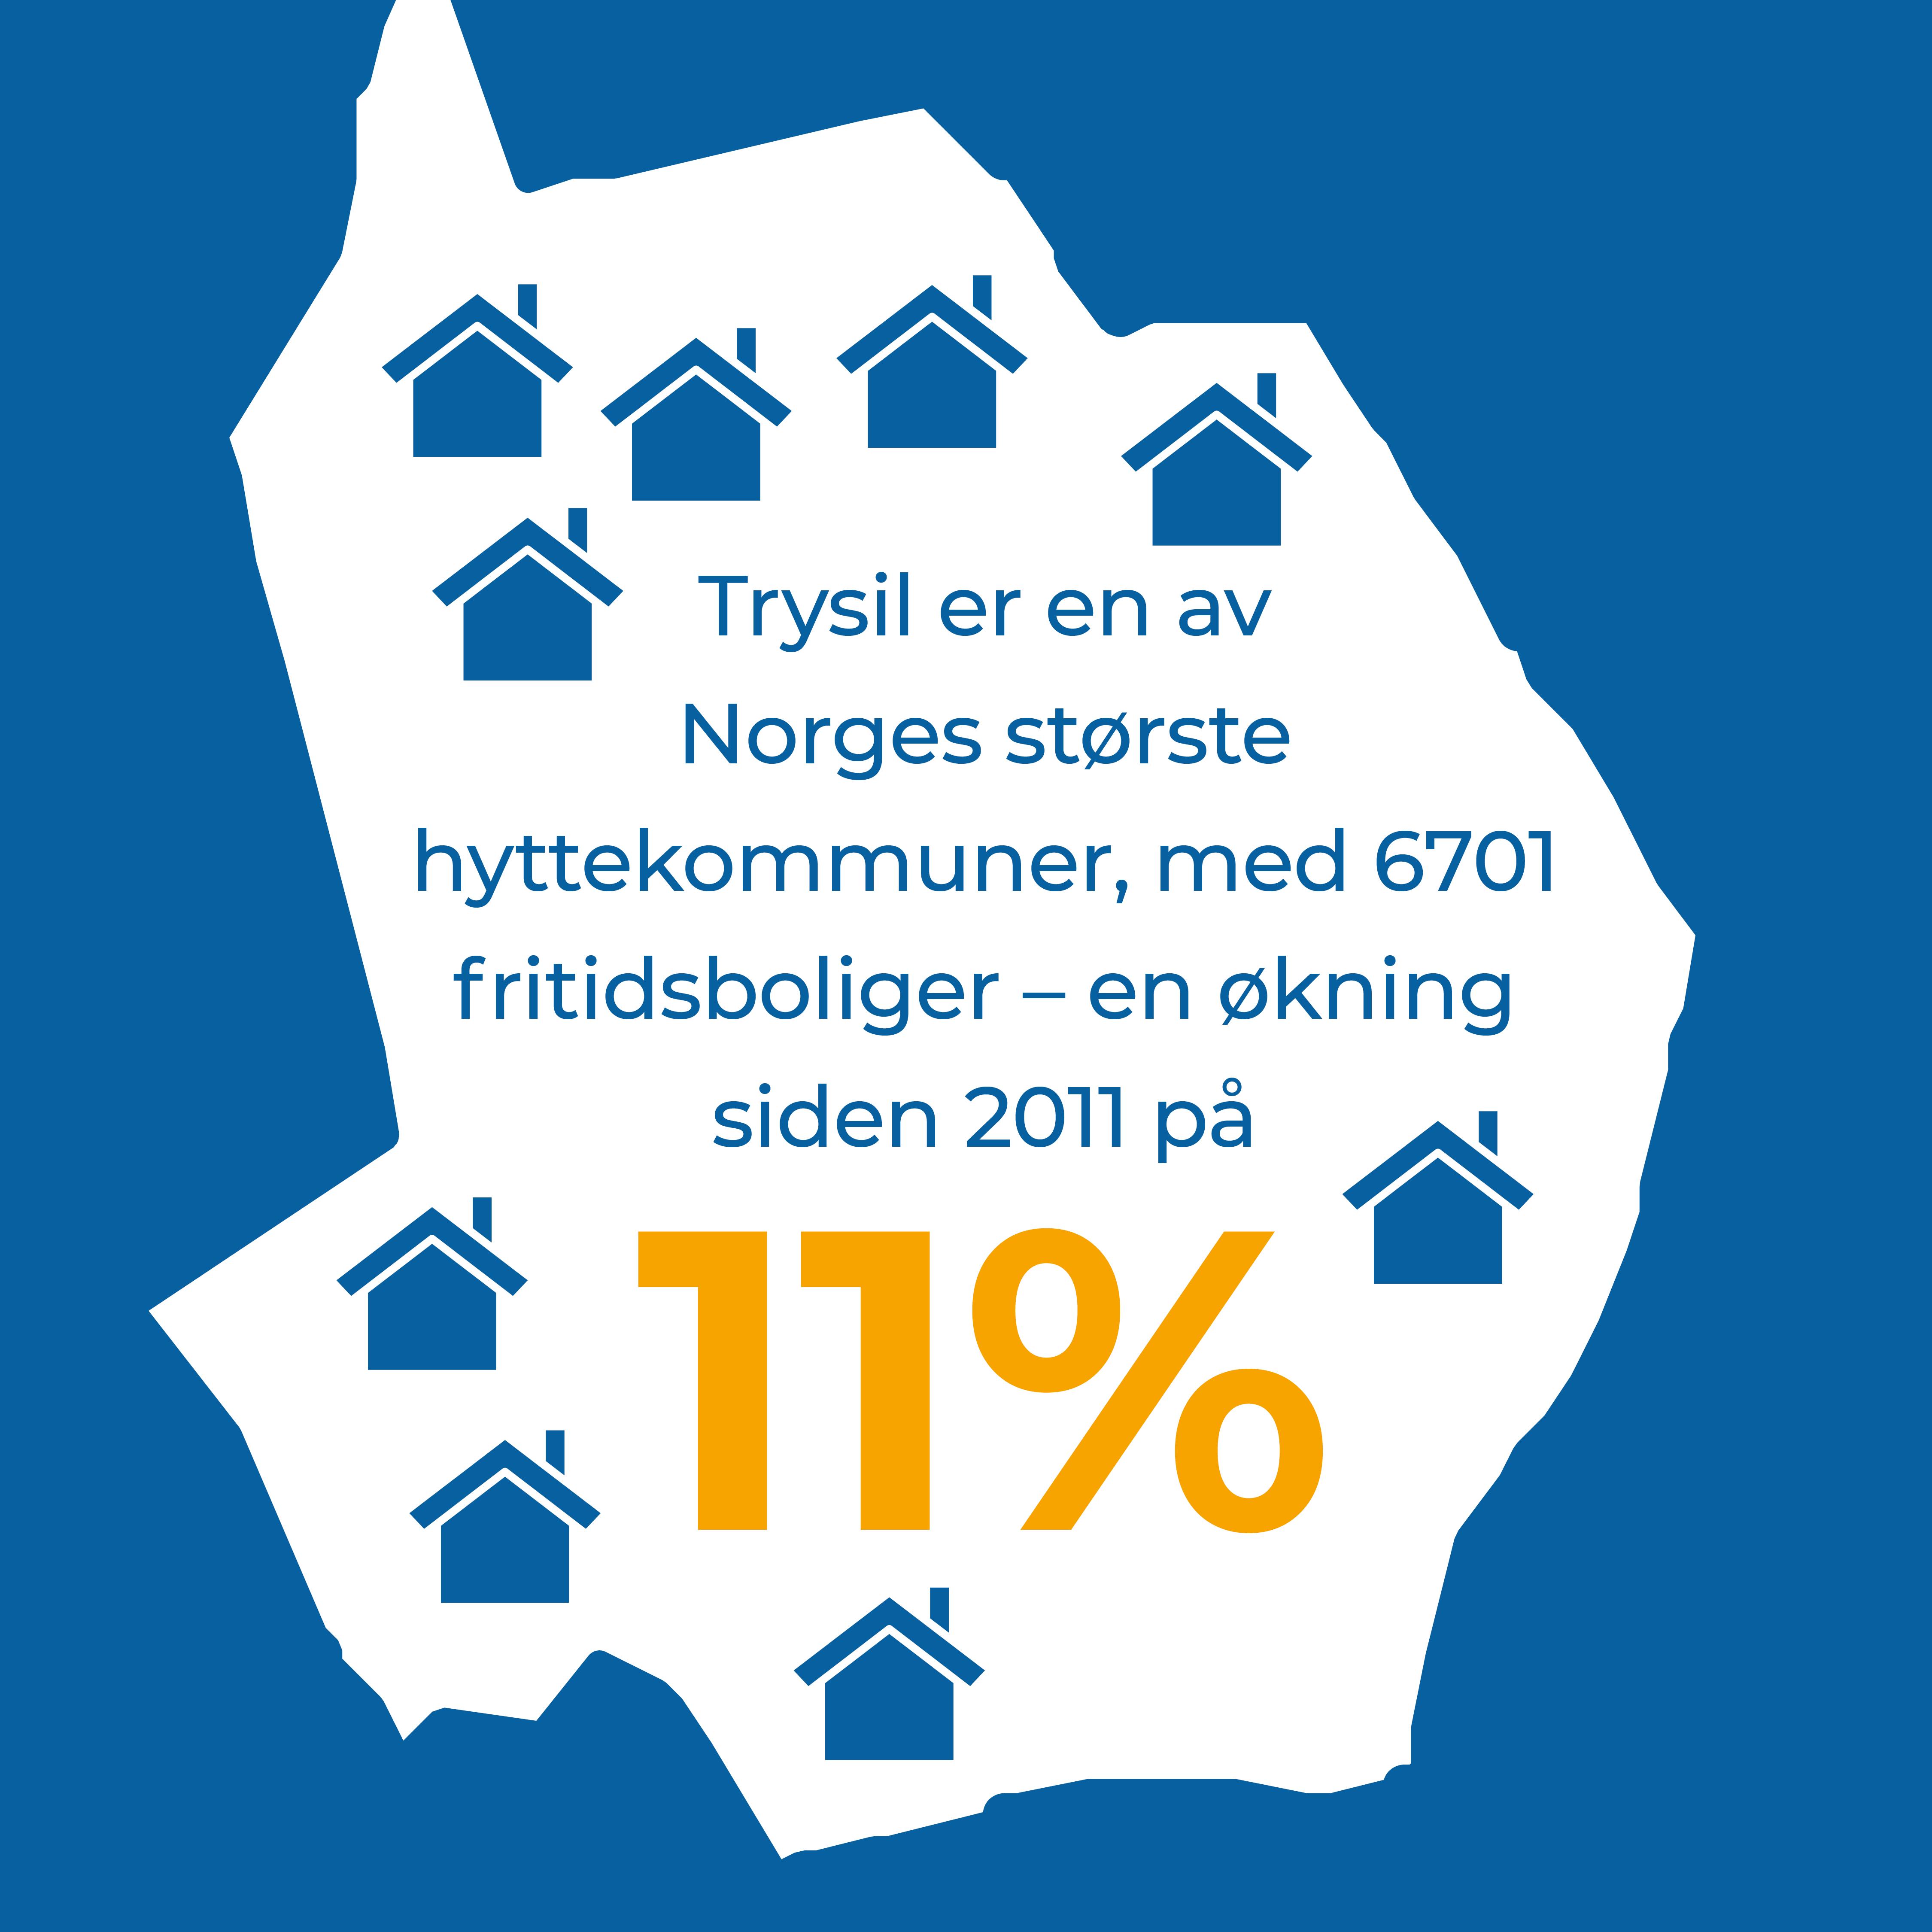 Trysil er en av Norges største hyttekommuner, med 6701 fritidsboliger – en økning siden 2011 på 11%